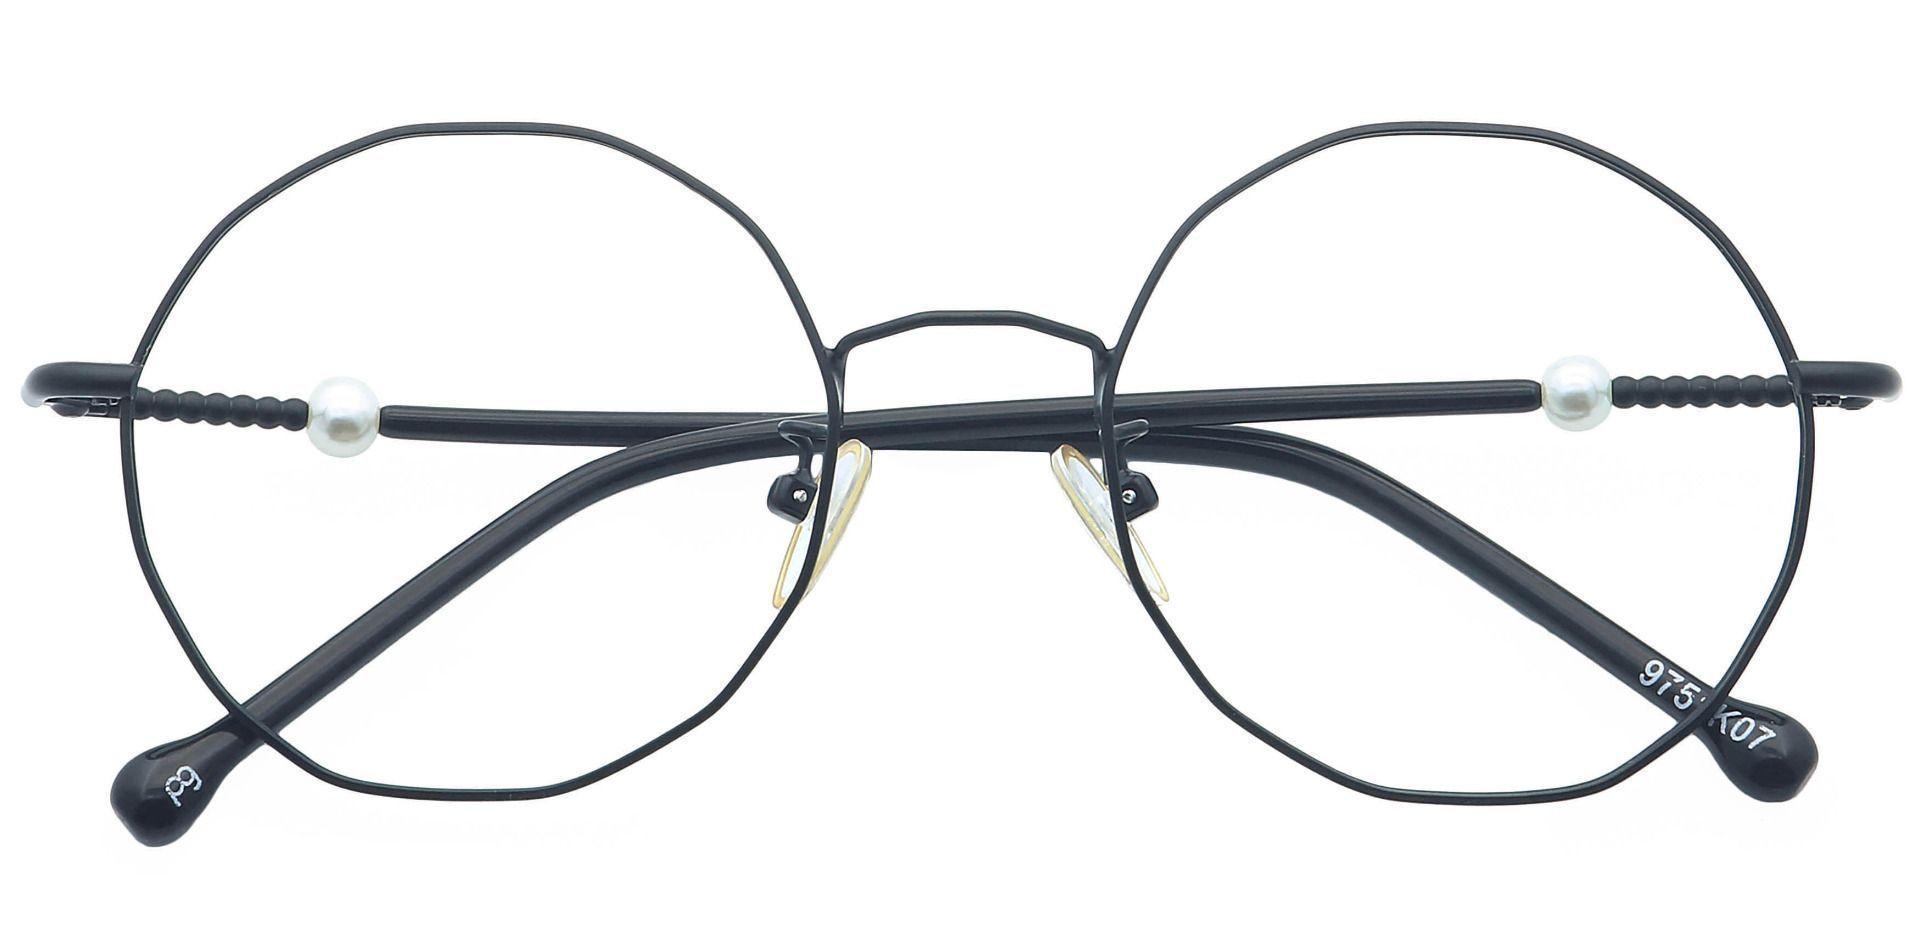 Stella Round Eyeglasses Frame - Black